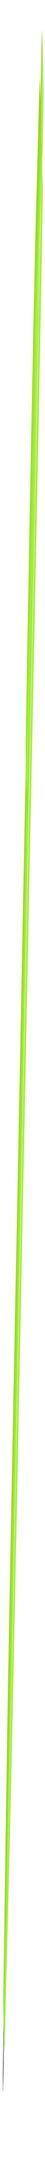 N6, ручка шариковая, зеленое яблоко, пластик